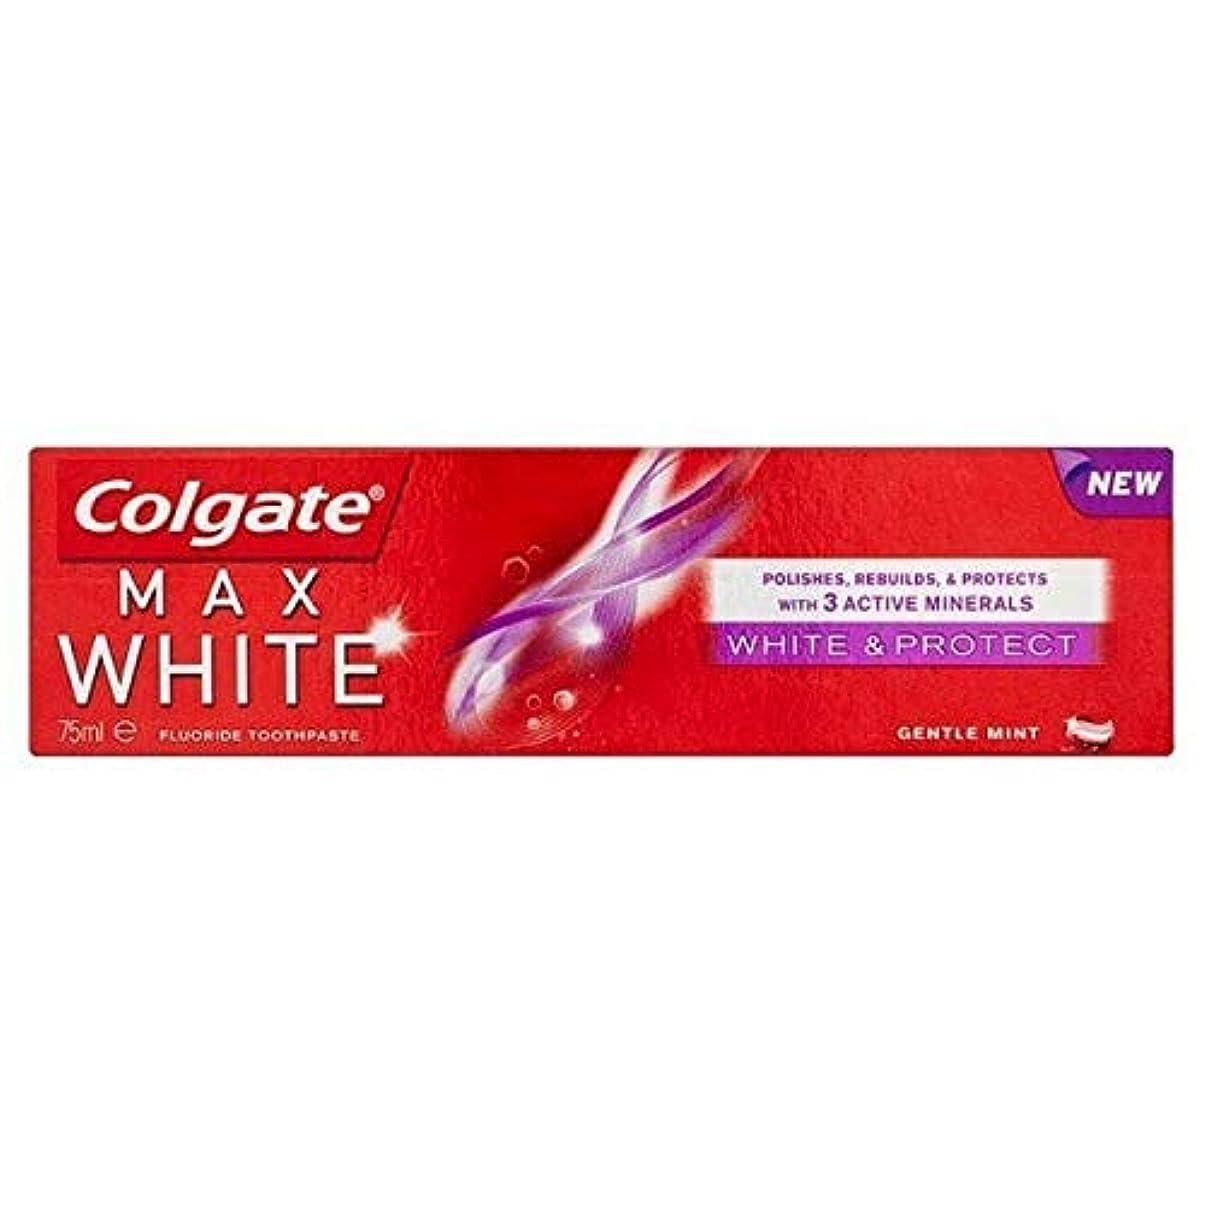 貝殻参照バッグ[Colgate ] コルゲートマックスホワイトホワイトニング&歯磨き粉75ミリリットルを保護 - Colgate Max White Whitening & Protect Toothpaste 75ml [並行輸入品]